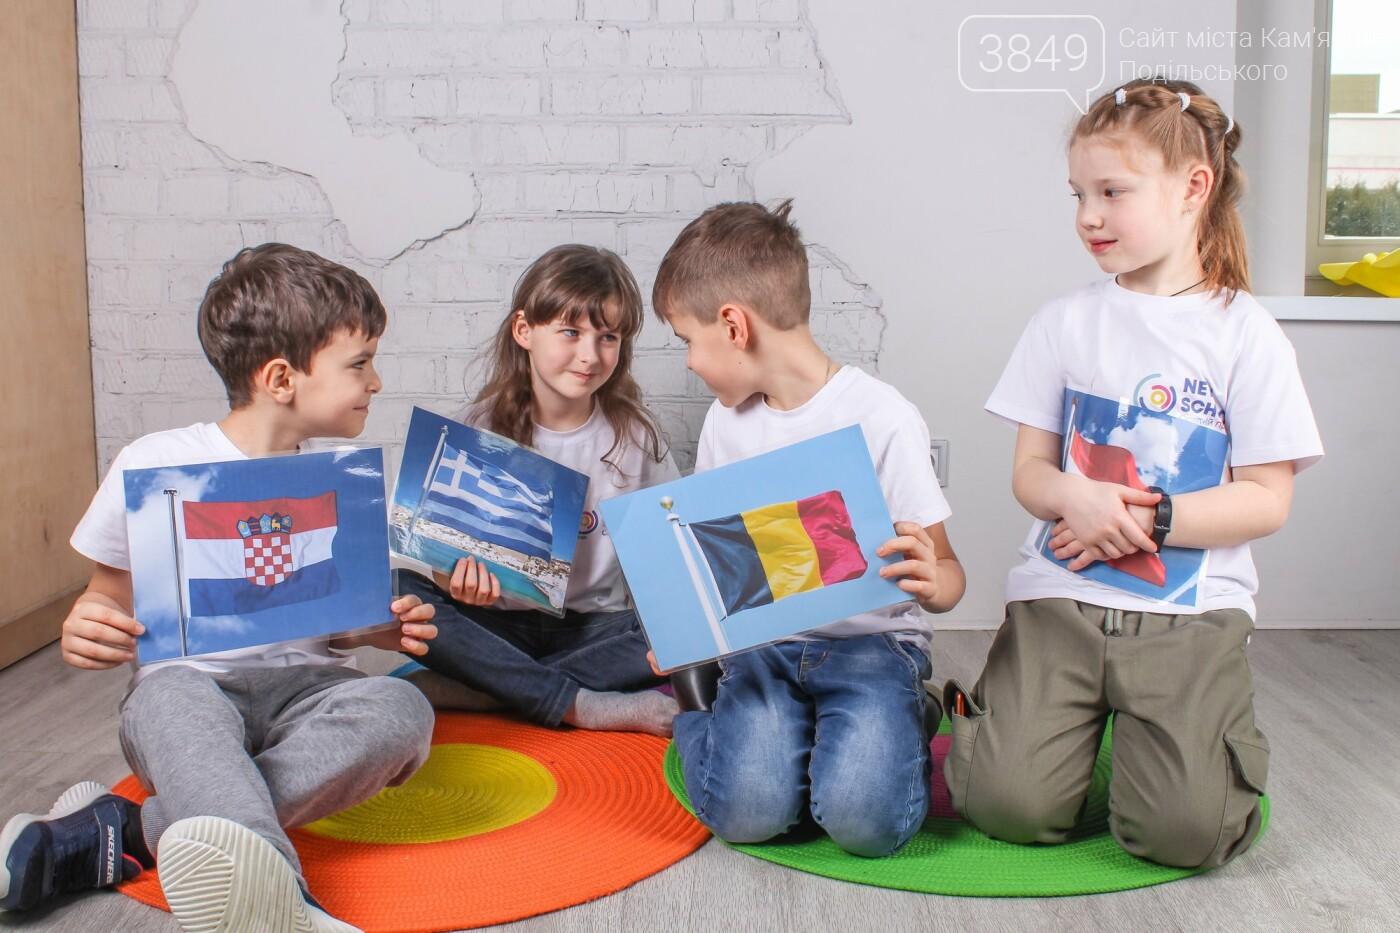 У Кам'янці-Подільському відкривають приватну загальноосвітню школу Освітнього Простору NewSchool, фото-8